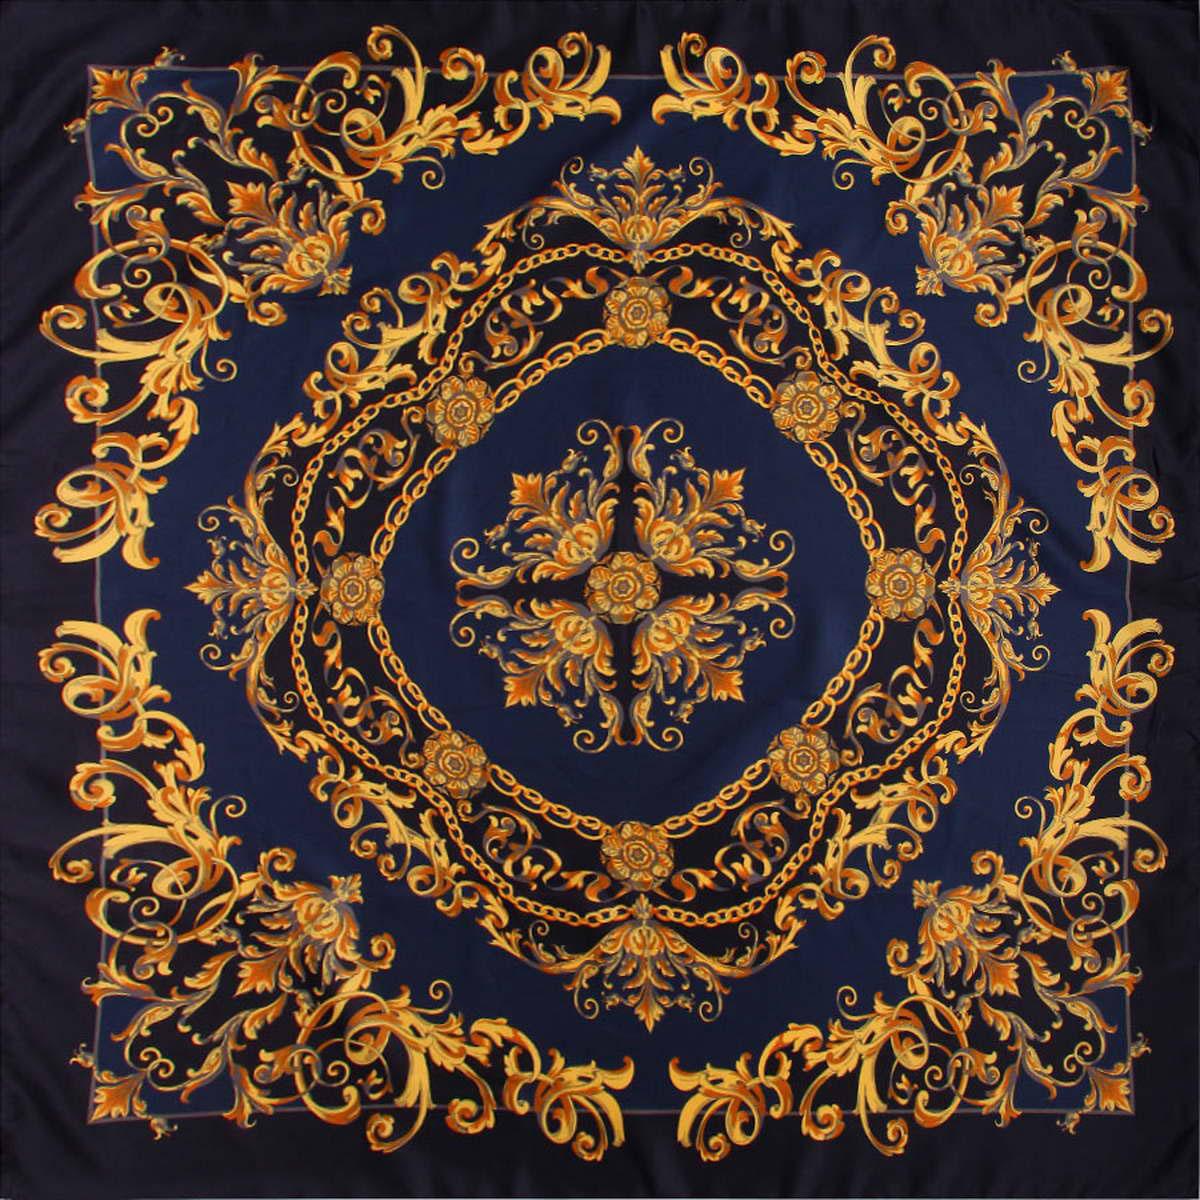 Платок женский Venera, цвет: темно-синий. 3904472-4. Размер 90 см х 90 см3904472-4Стильный женский платок Venera изготовлен из качественного и легкого полиэстера, будет самым универсальным вариантом для повседневного аксессуара.Великолепный насыщенный цвет и оригинальный принт, напоминающий узор аристократичного стиля, будут придавать любому вашему наряду изысканности, подчеркивать женственность и стильность.Классическая квадратная форма позволяет носить платок на шее, украшать им прическу или декорировать сумочку.Такой платок превосходно дополнит любой наряд и подчеркнет ваш неповторимый вкус и элегантность.